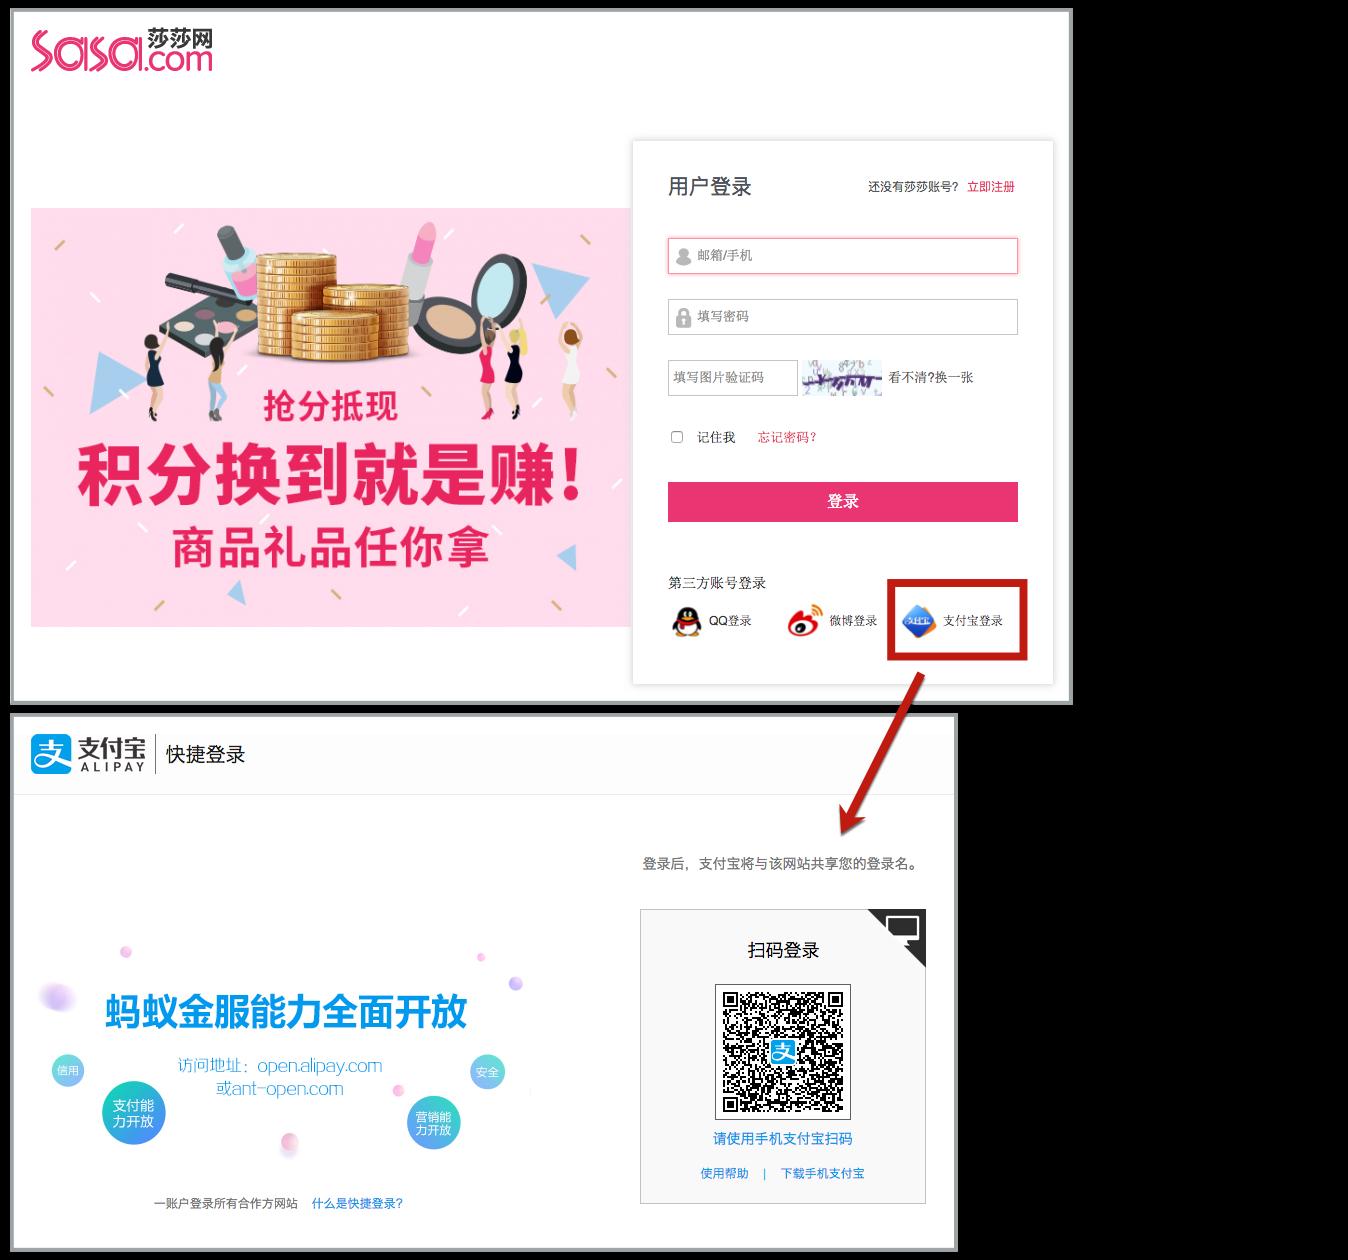 通过支付宝链接登录后,用户进入支付宝网站,并按照指示扫描二维码进行登录